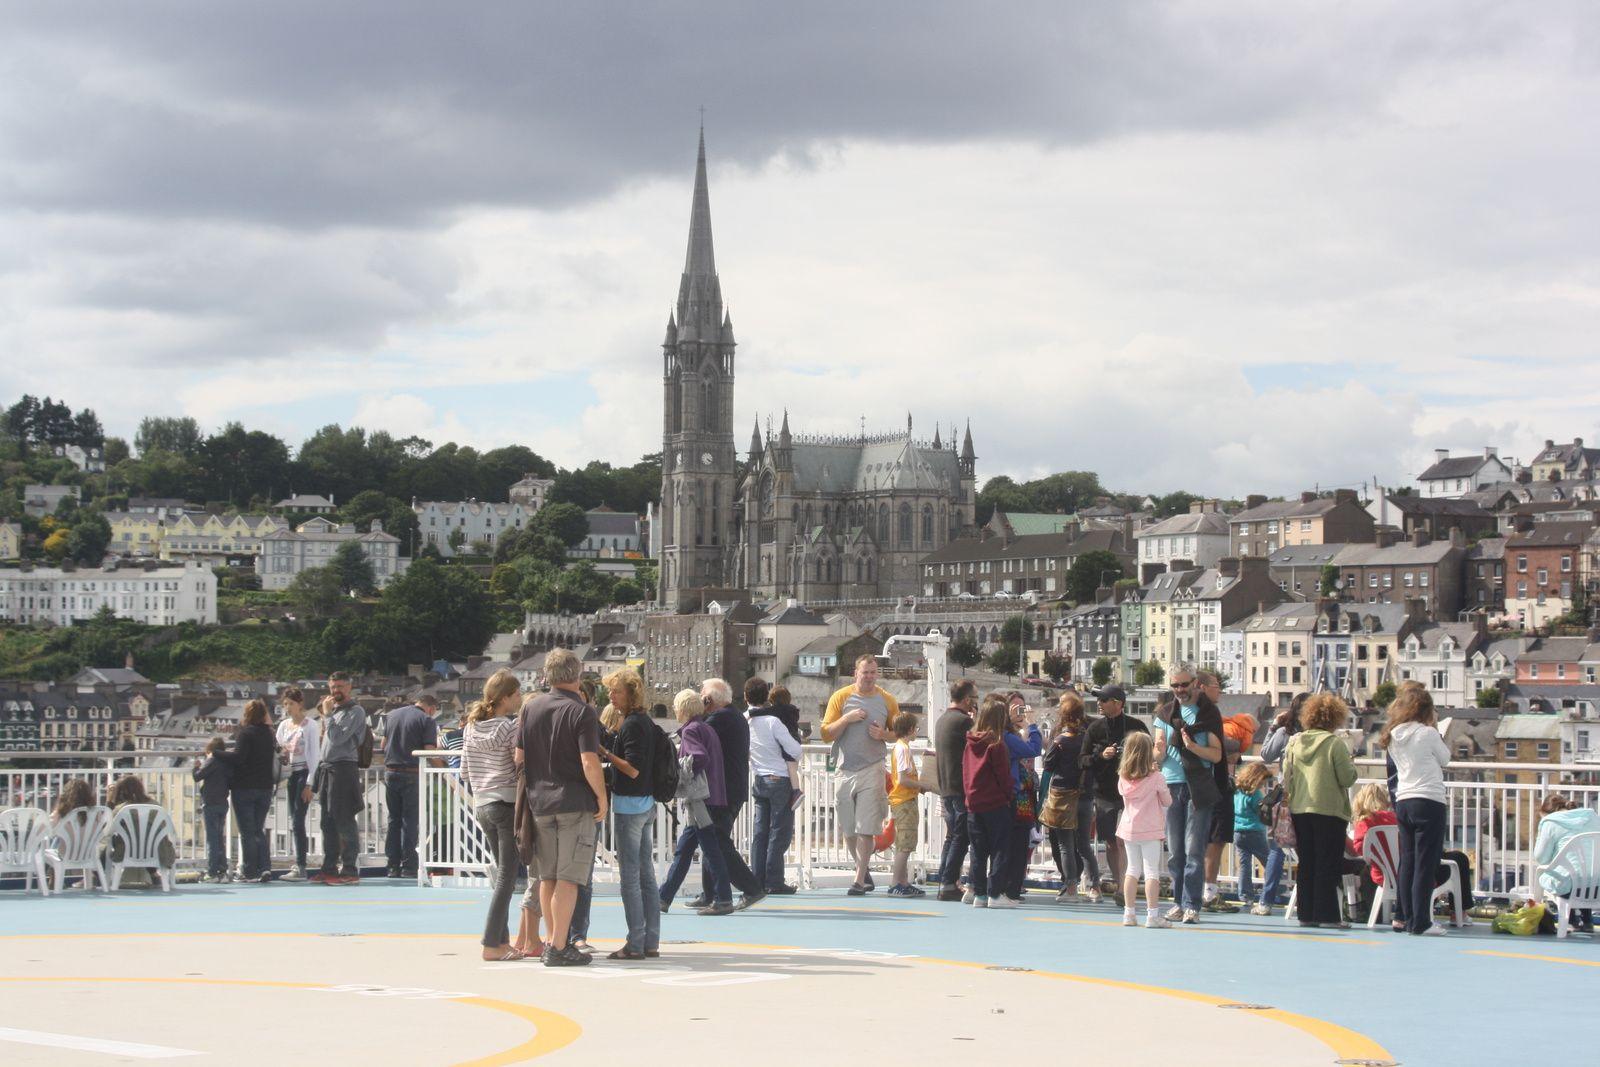 Vues prises pour la plupart dans l'ouest de l'Irlande, dans le comté de Clare, les îles d'Aran, Galway et le Connemara.